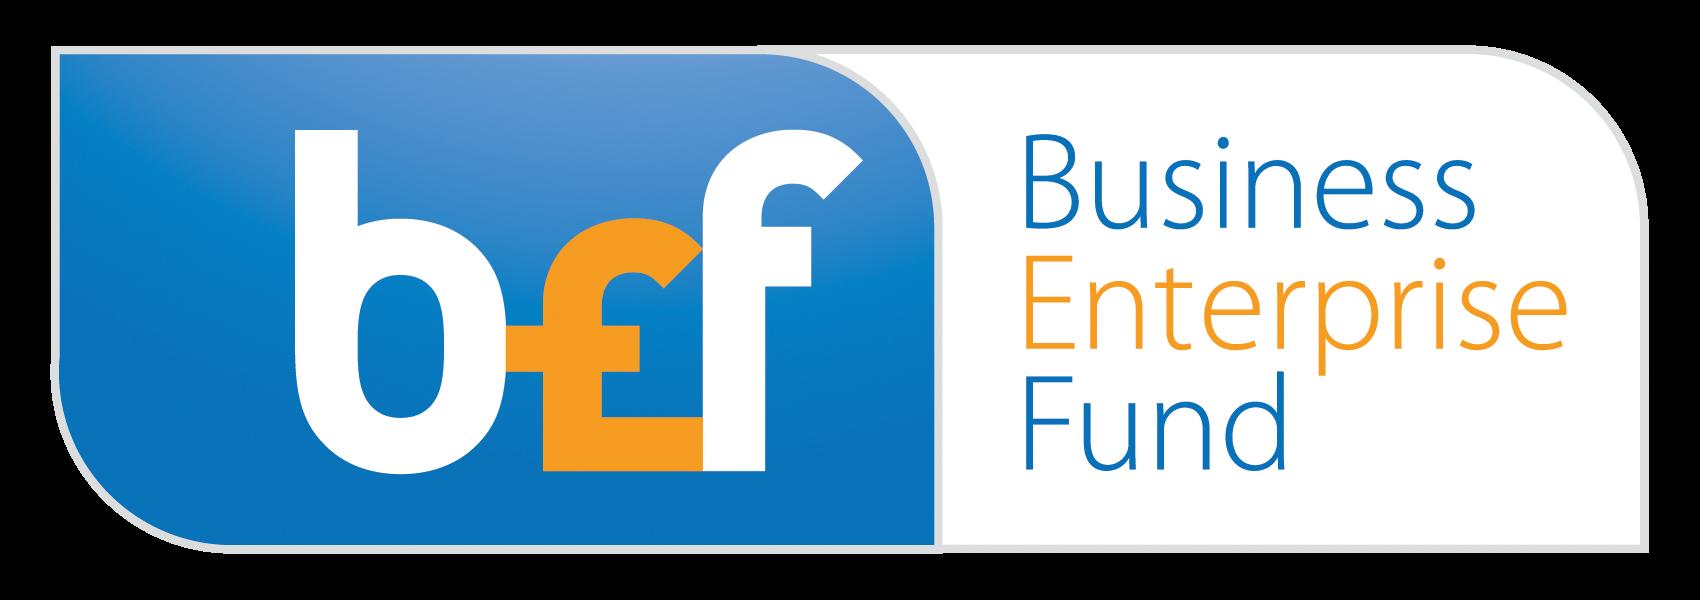 Business Enterprise Fund – Non-Executive Director